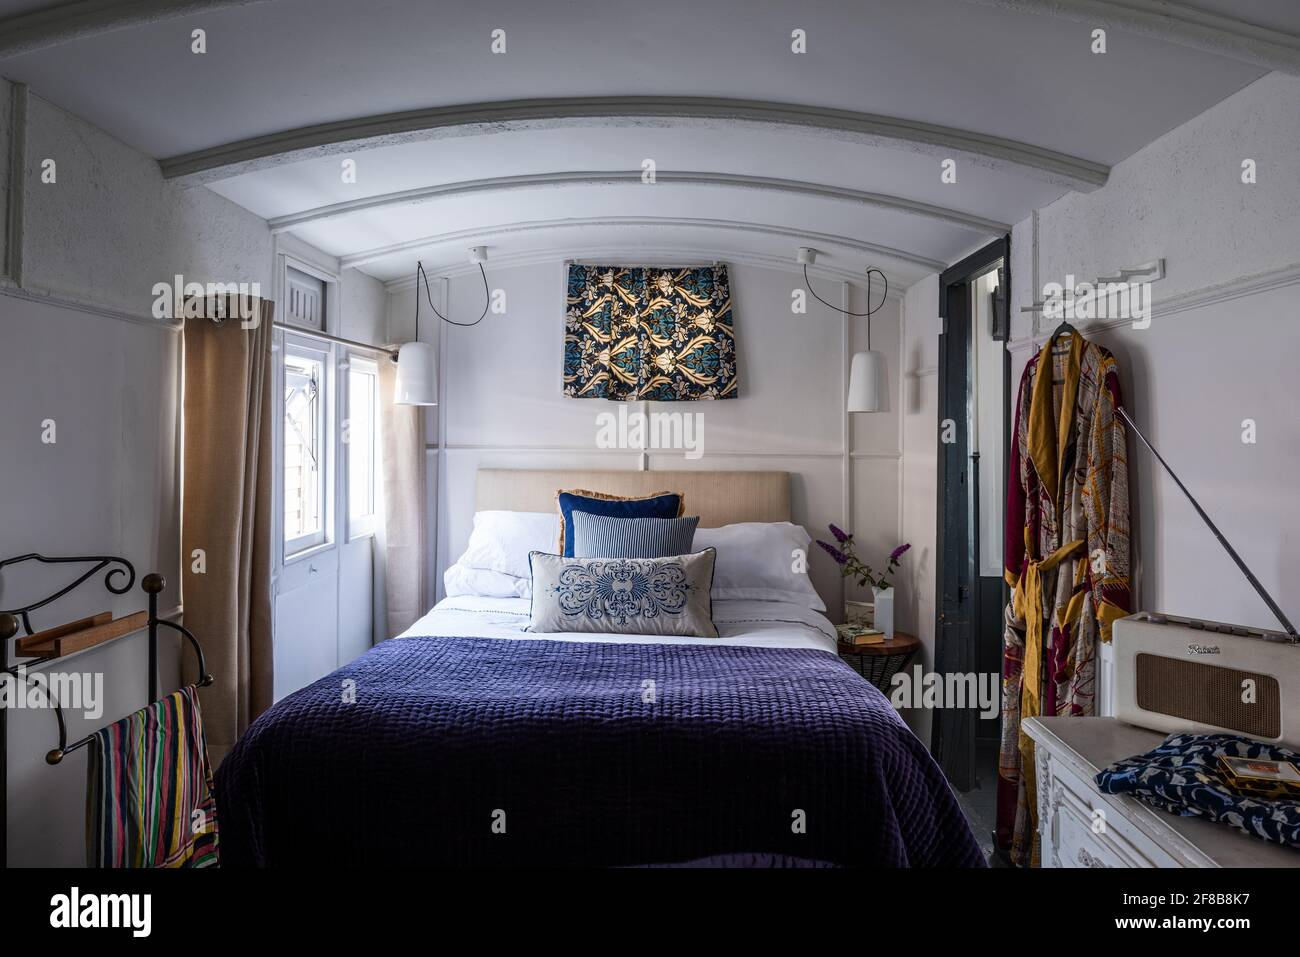 Lit double dans une voiture de chemin de fer victorienne réaménagé, West Sussex maison de vacances. Banque D'Images